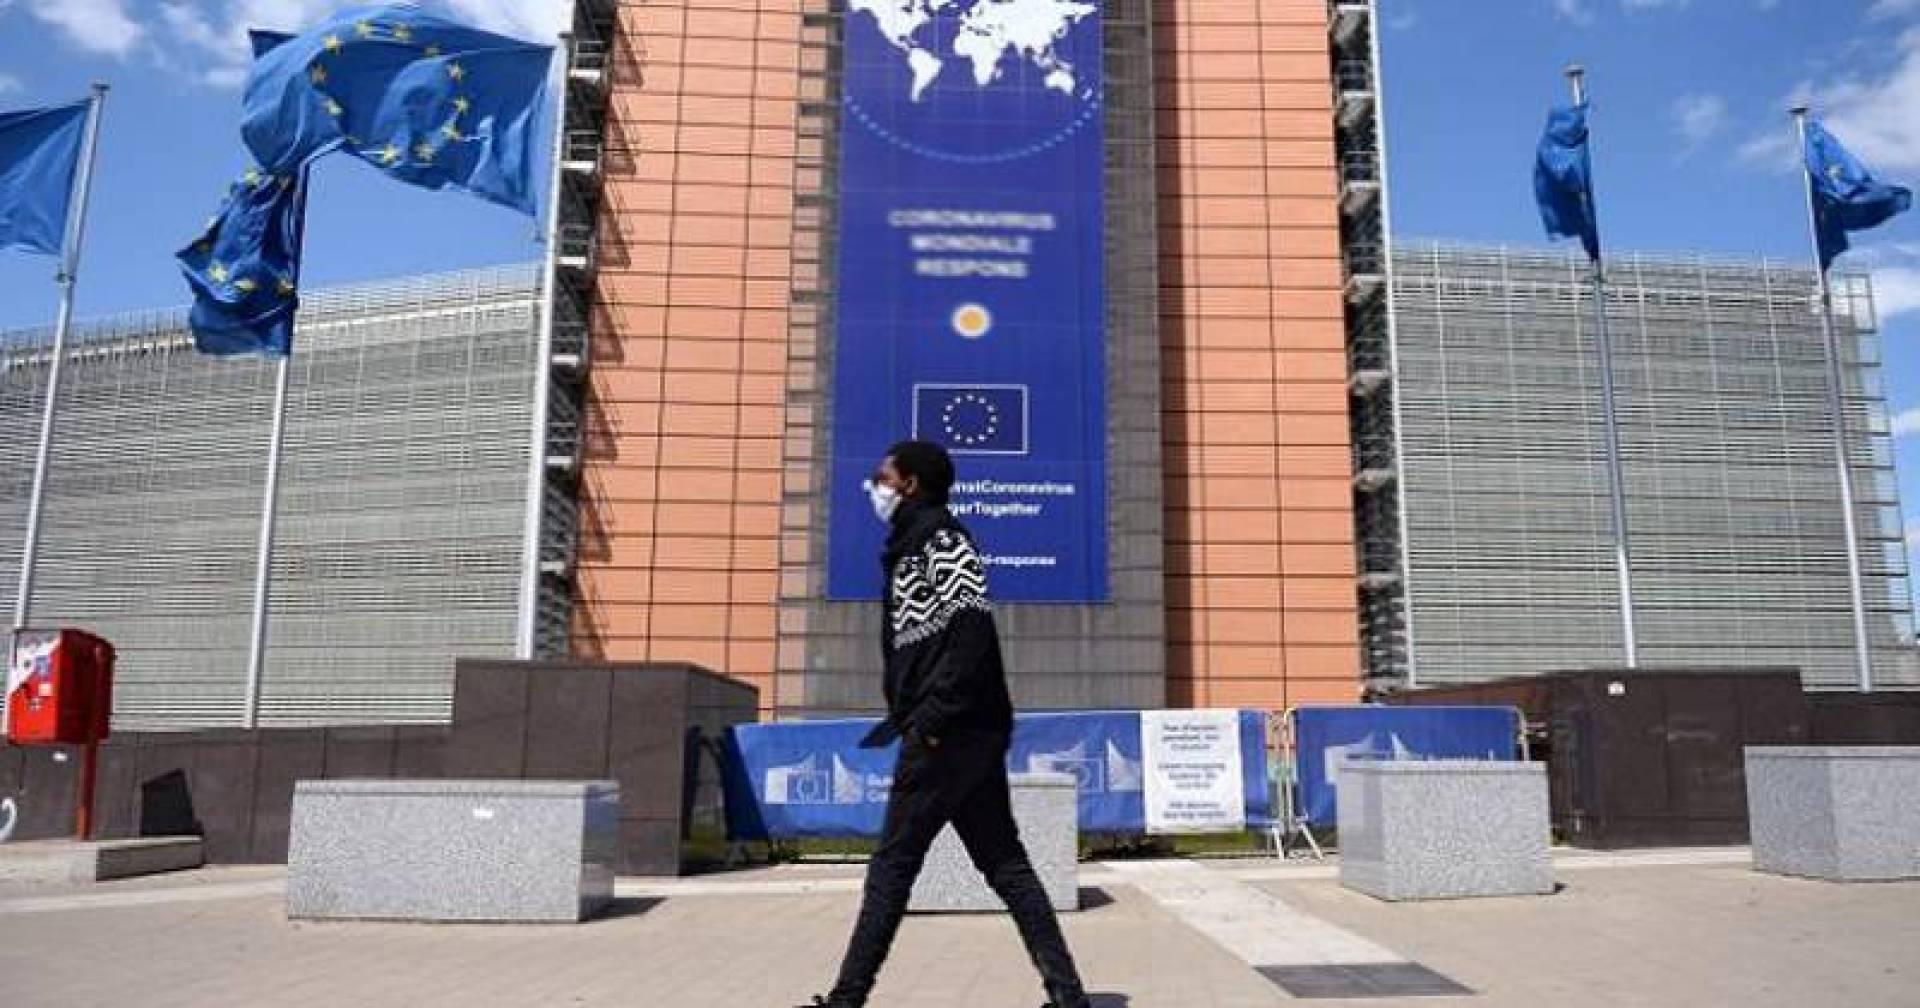 الاقتصاد الأوروبي يشق طريقه للنهوض